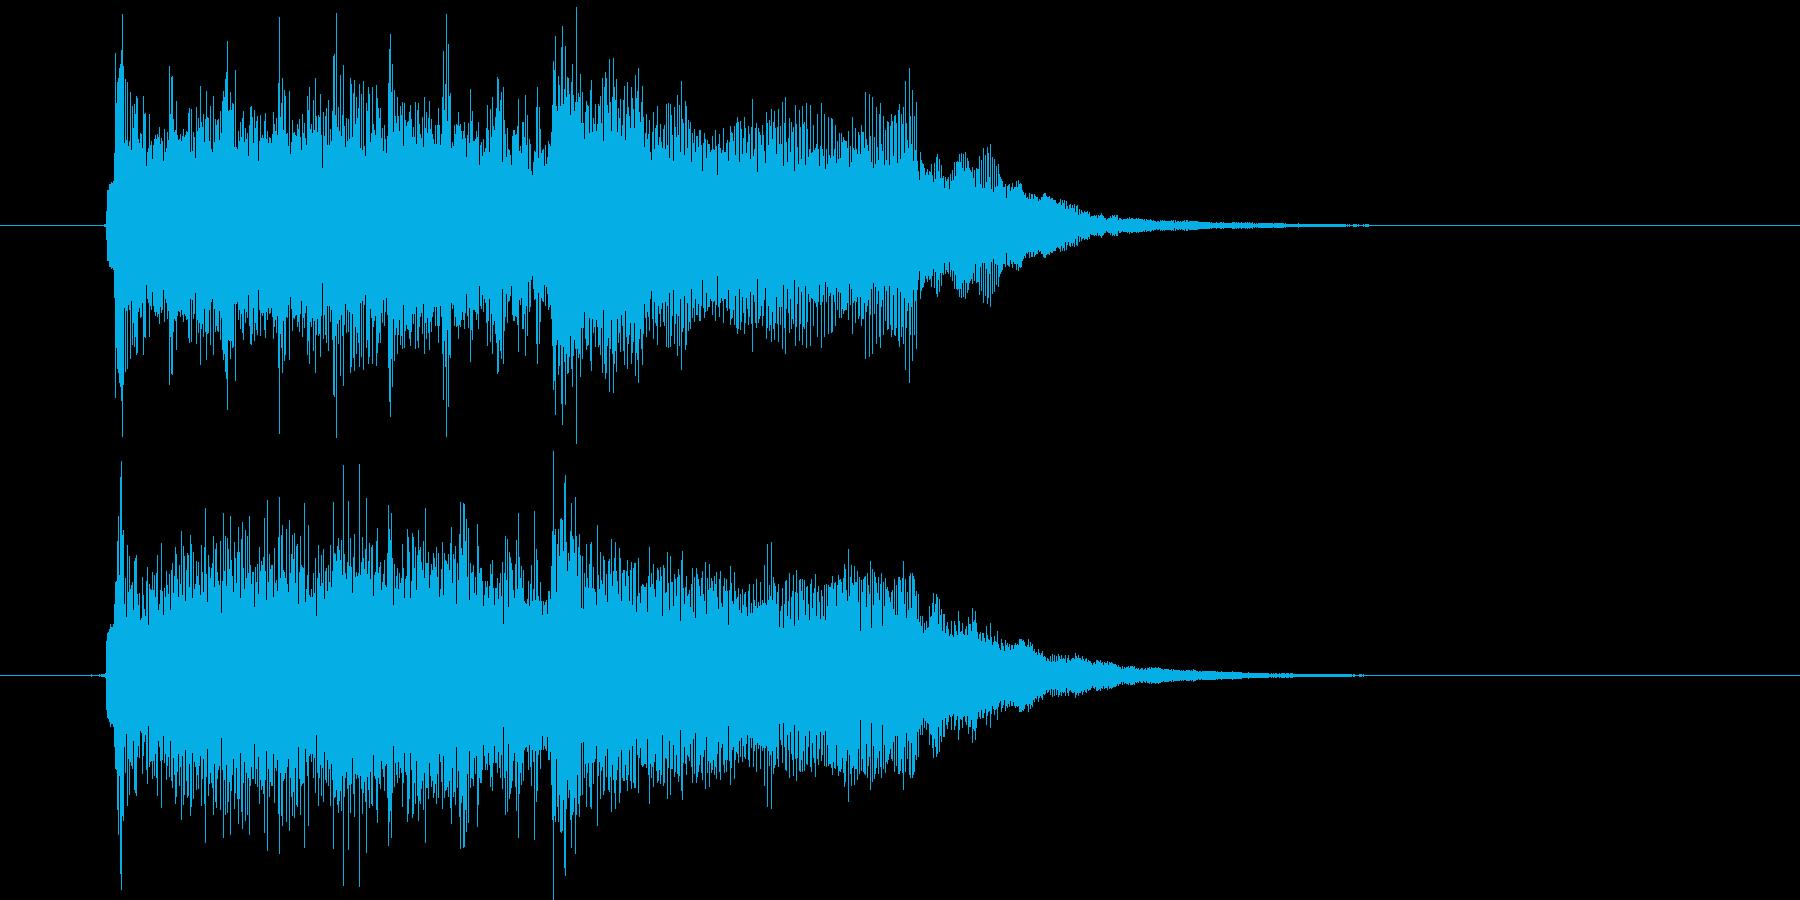 ポップスによるジングル曲、サウンドロゴの再生済みの波形